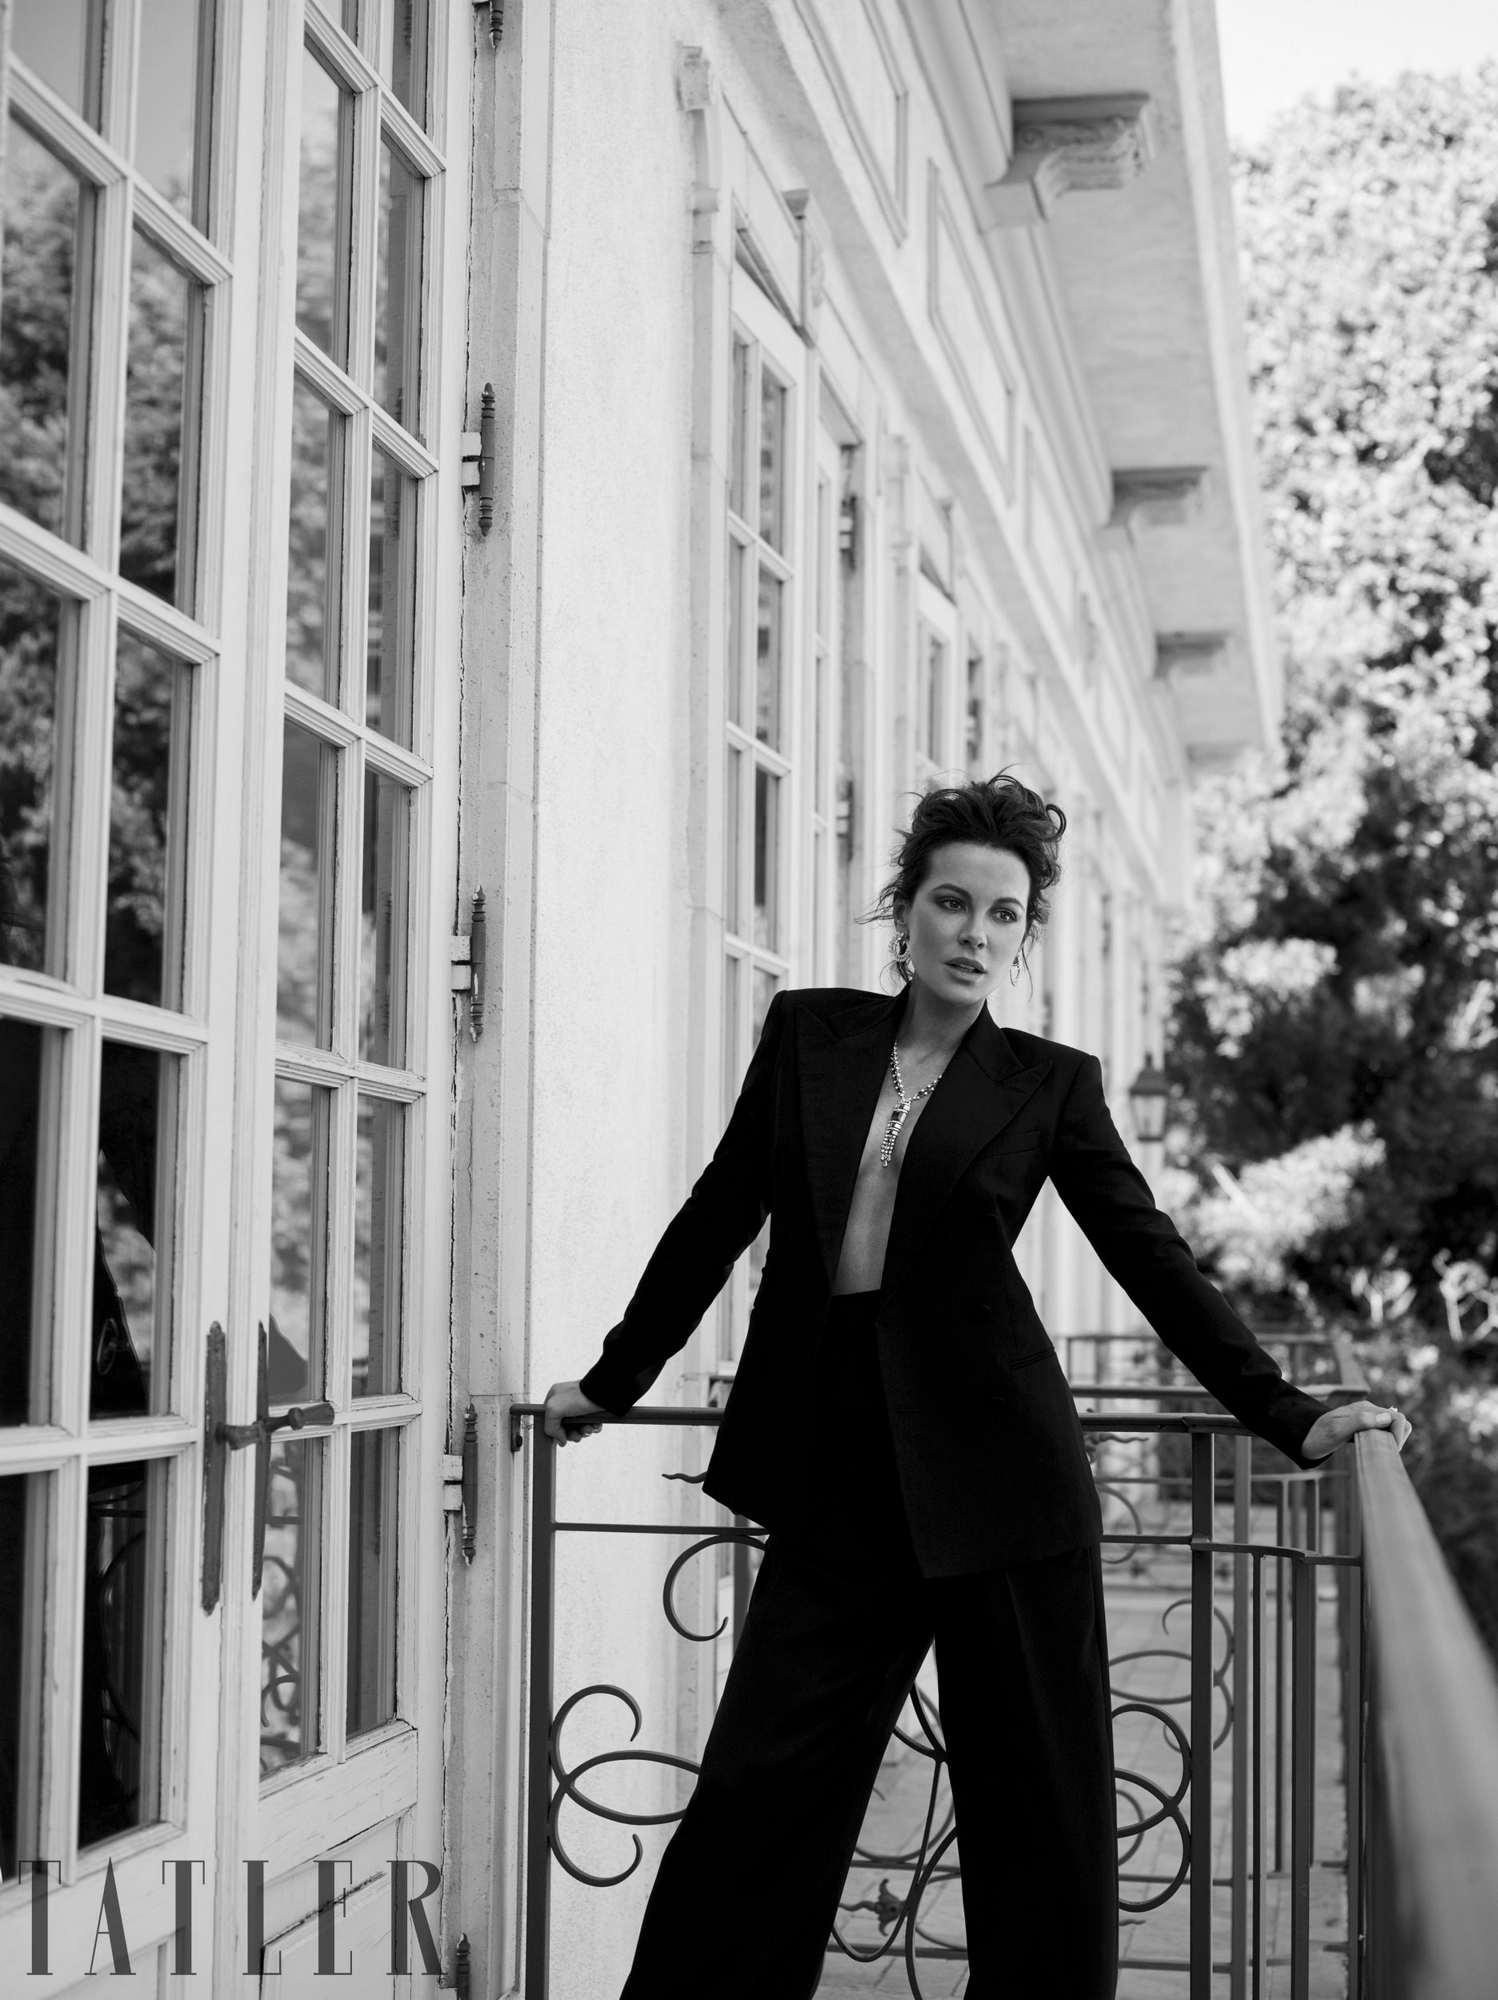 Kate-Beckinsale-Tatler-January-20191.jpg